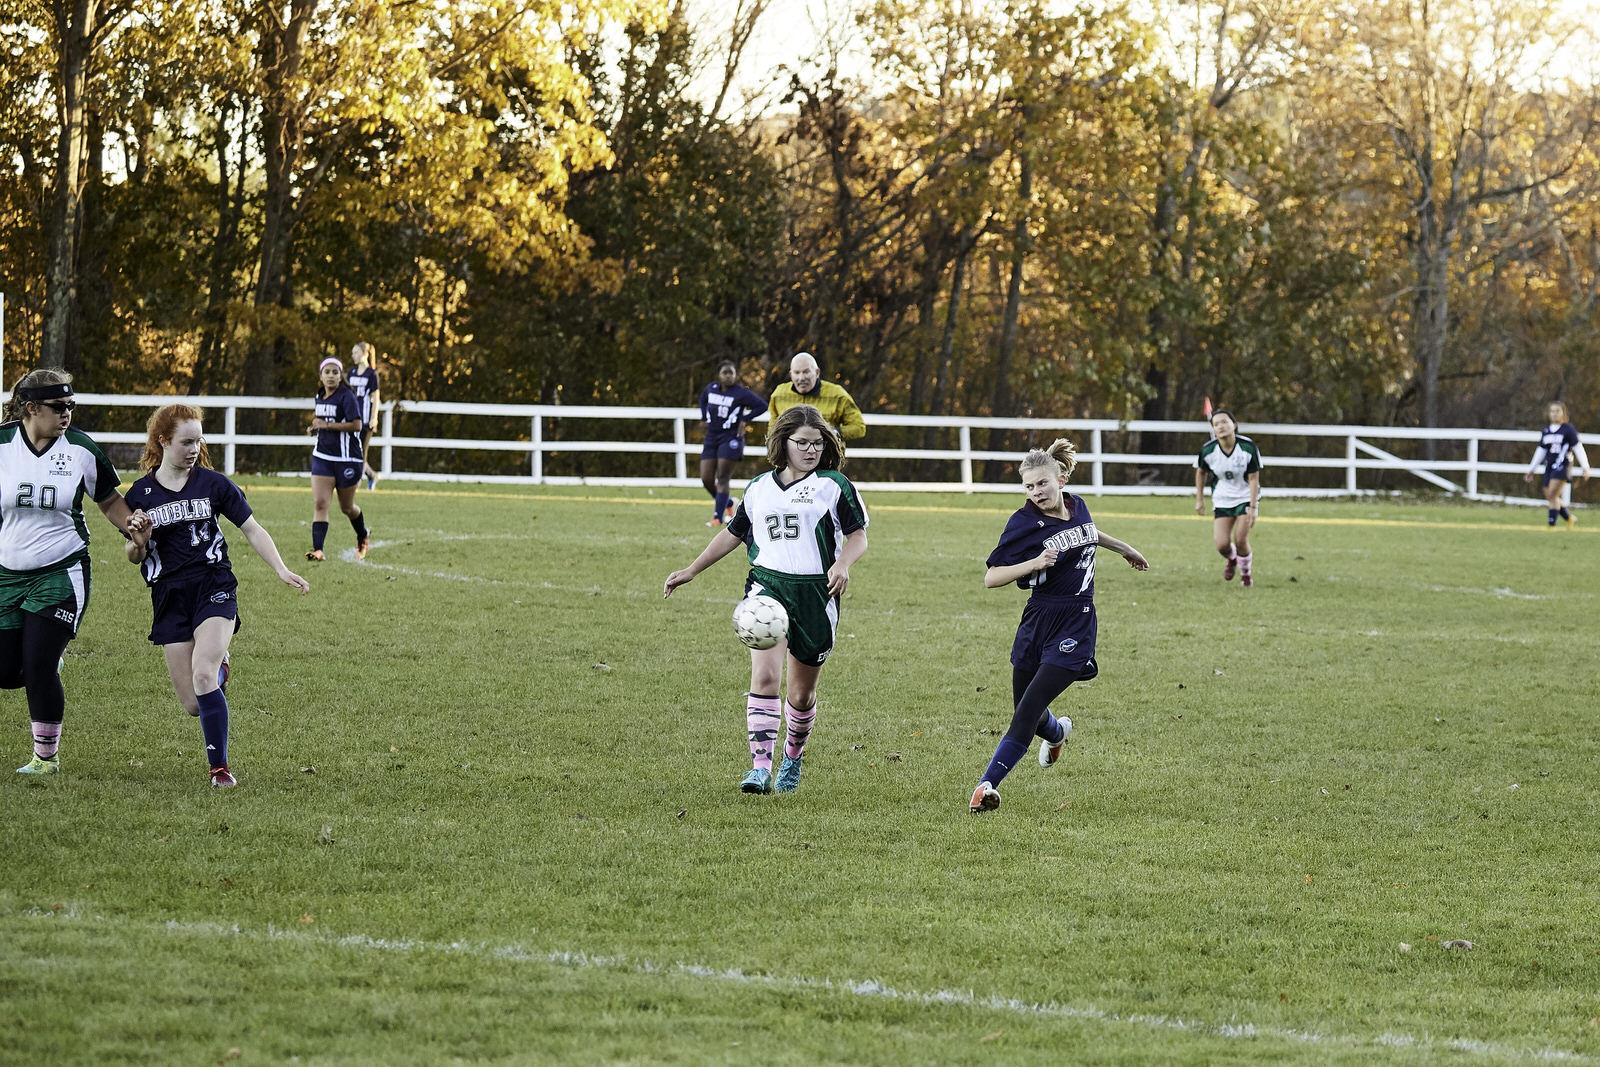 Girls Varsity Soccer vs. Eagle Hill School - October 30, 2018 139187.jpg